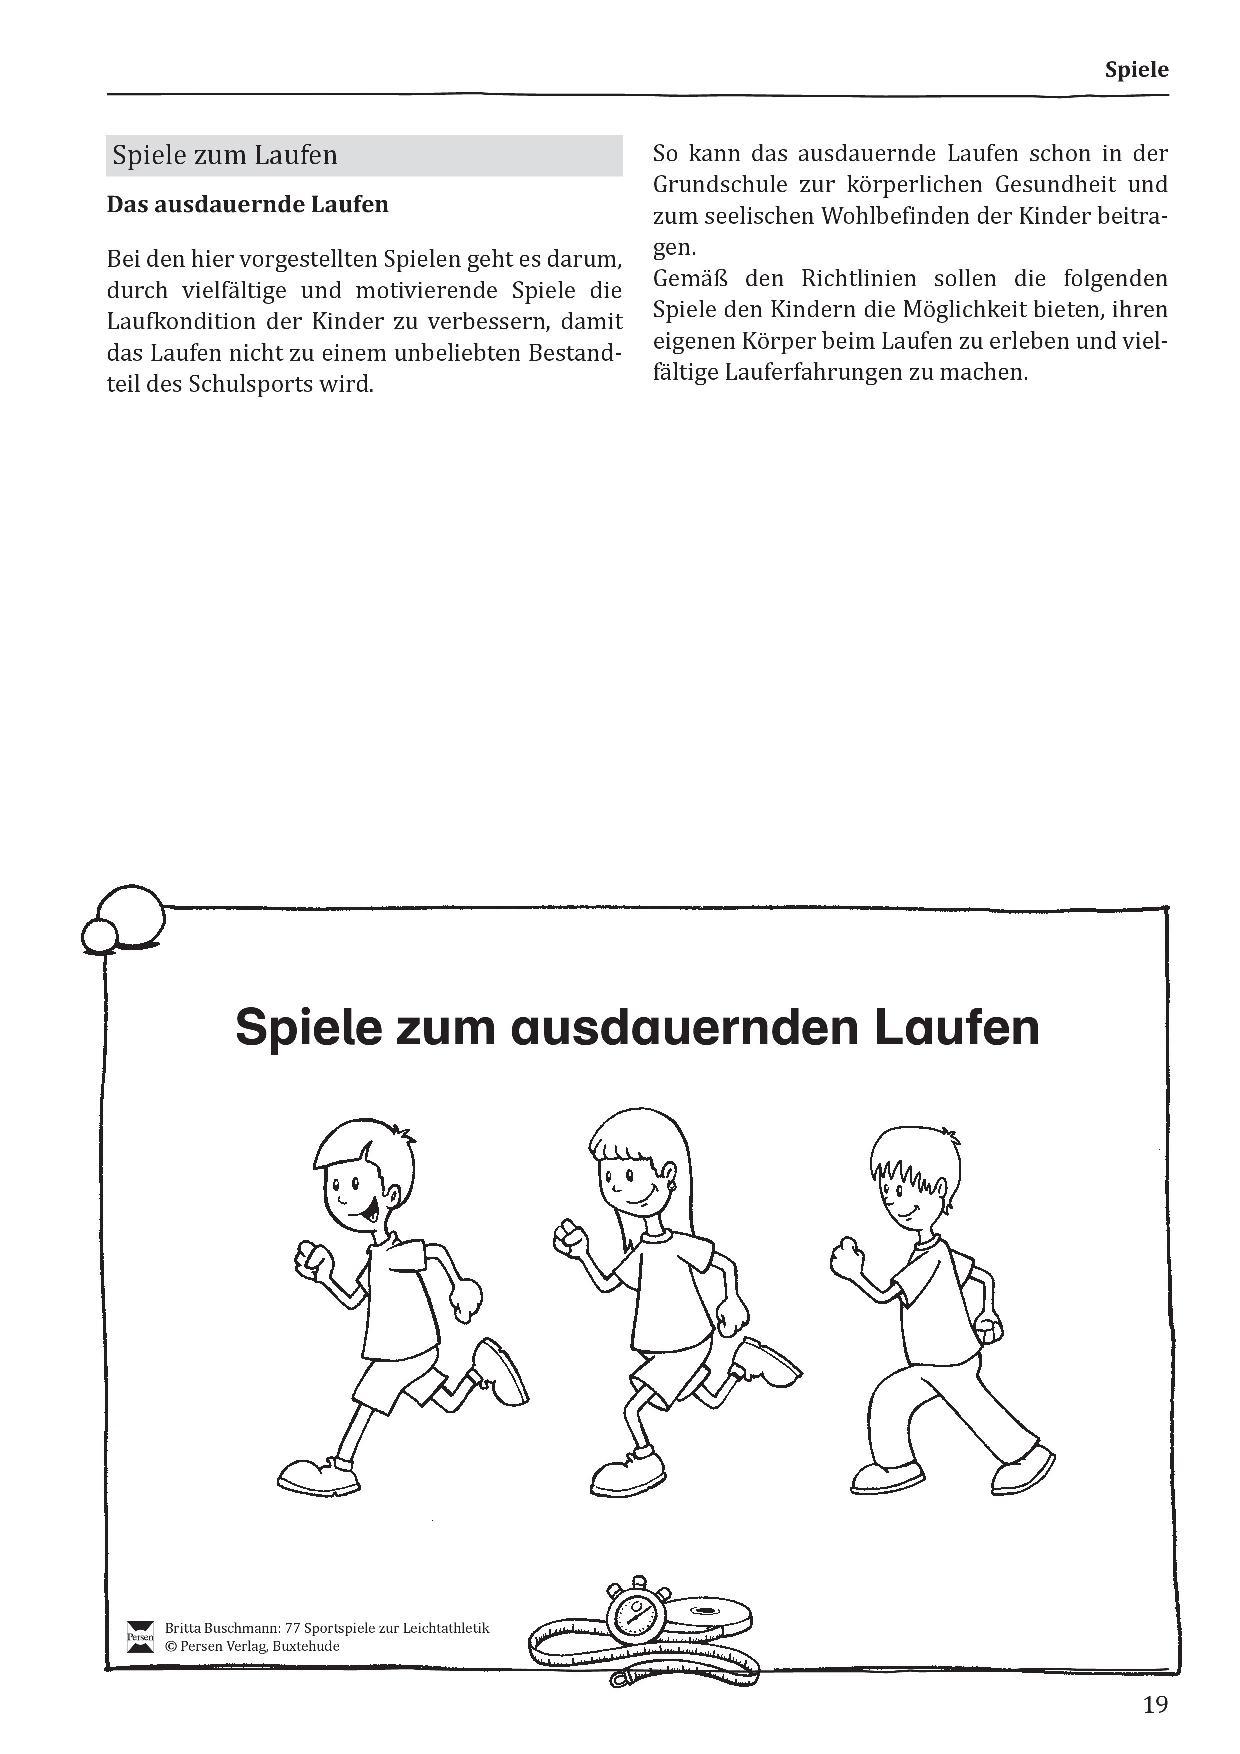 Sport_Laufen_ Spiele zum ausdauernden Laufen